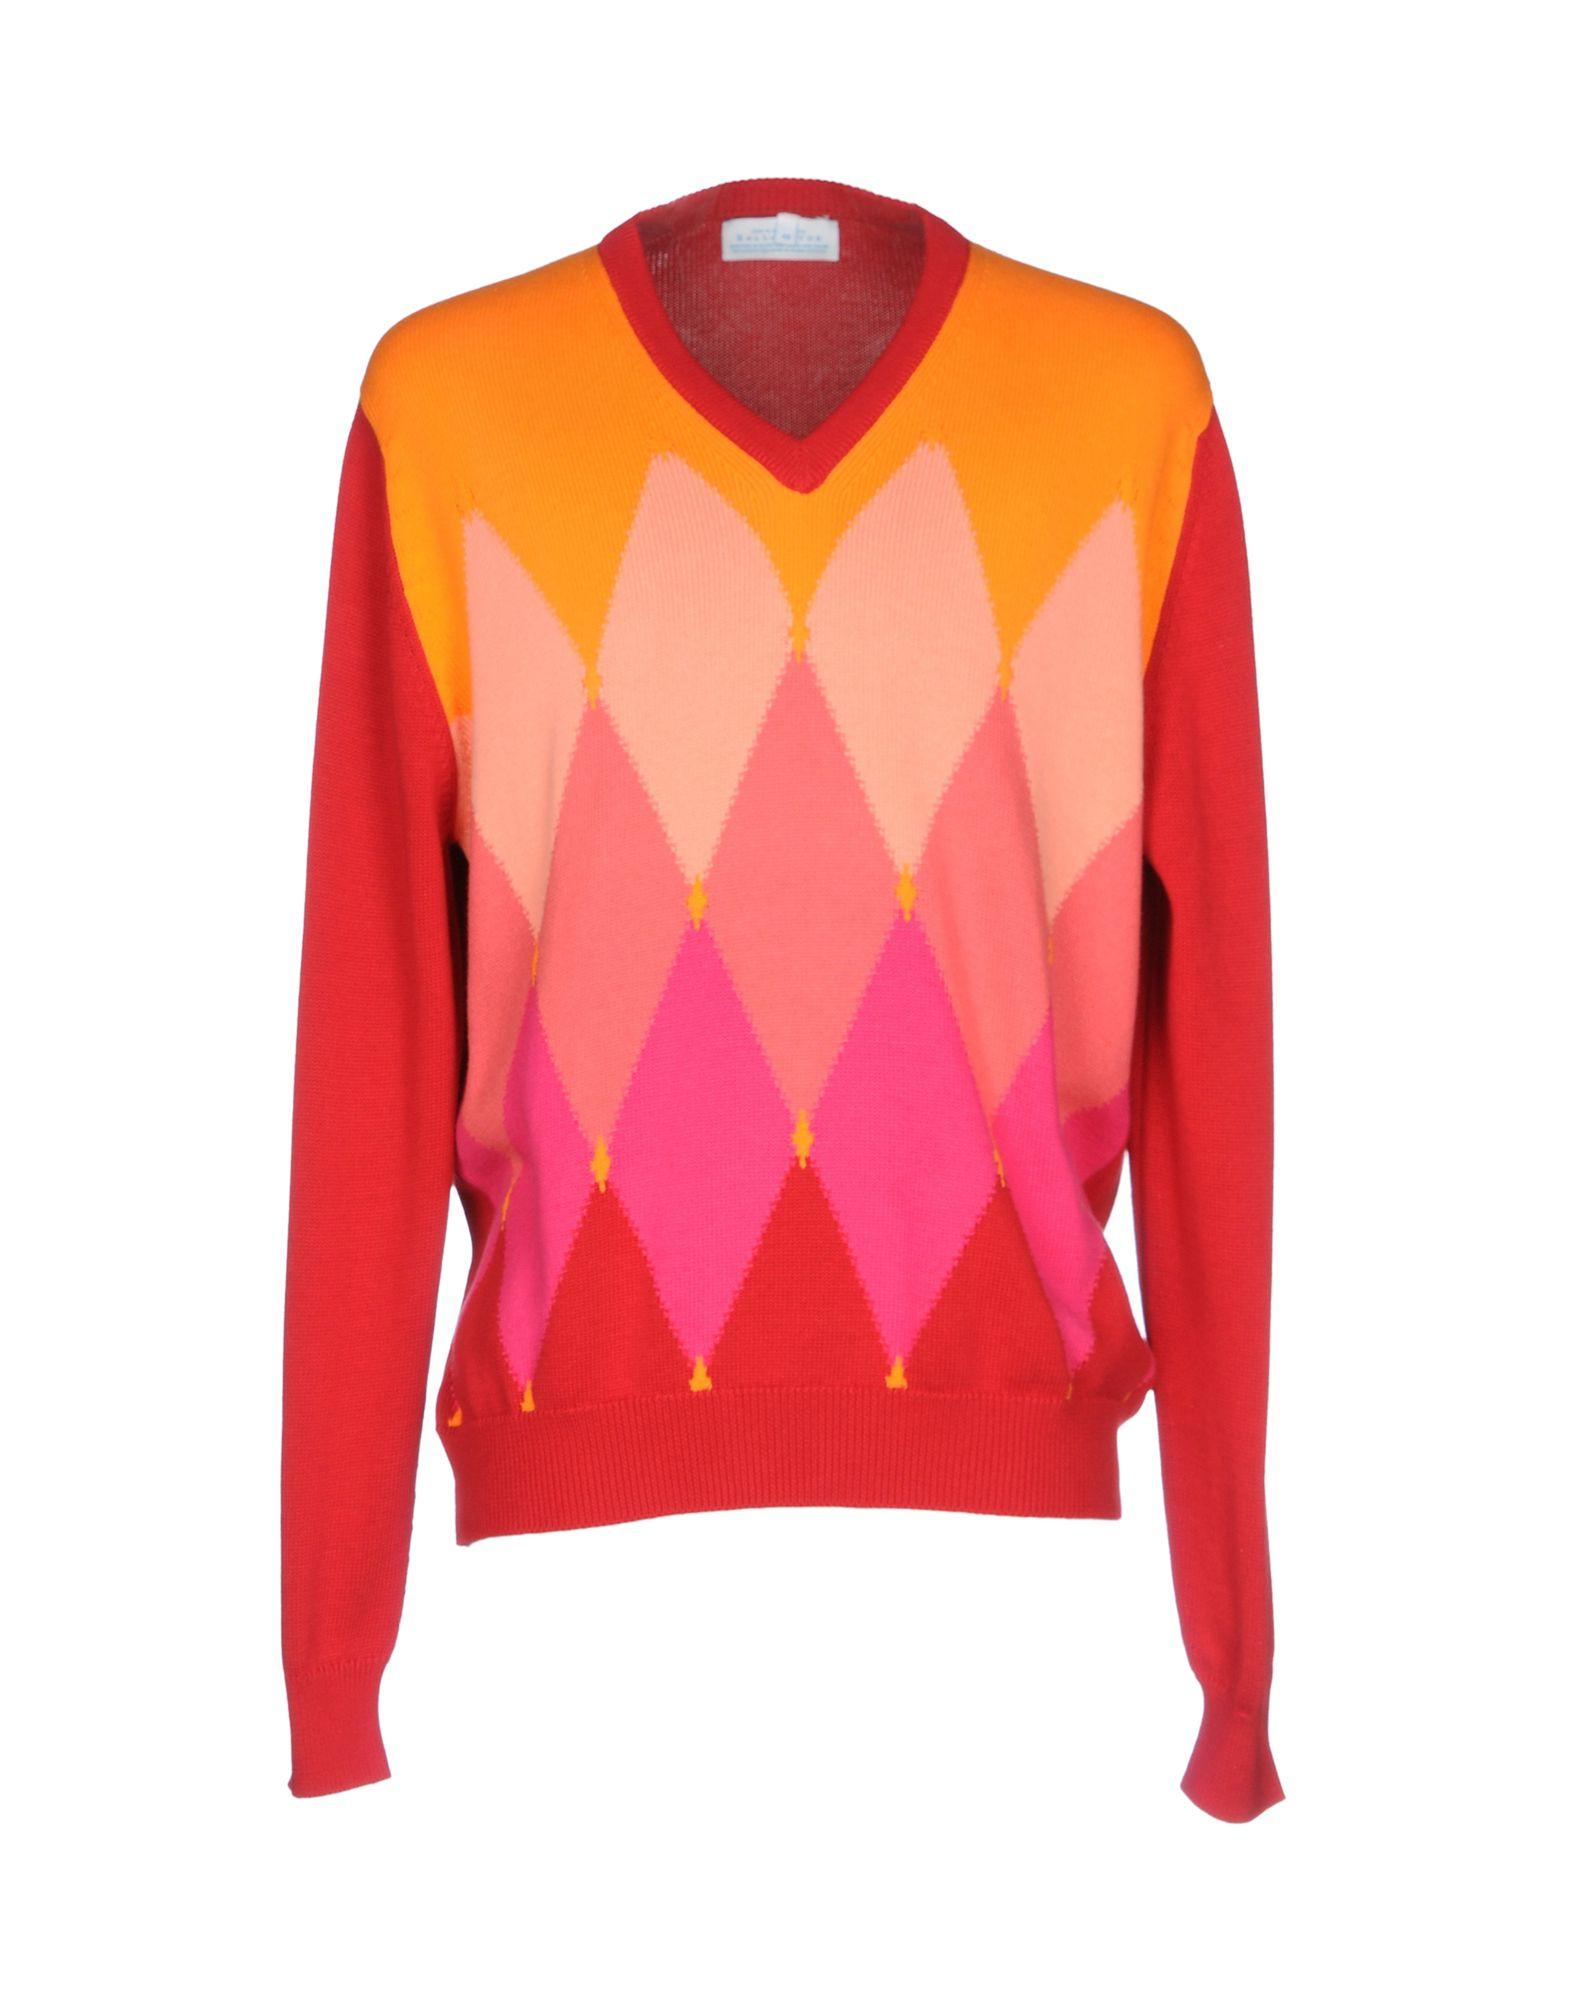 BALLANTYNE Herren Pullover Farbe Rot Größe 3 - broschei